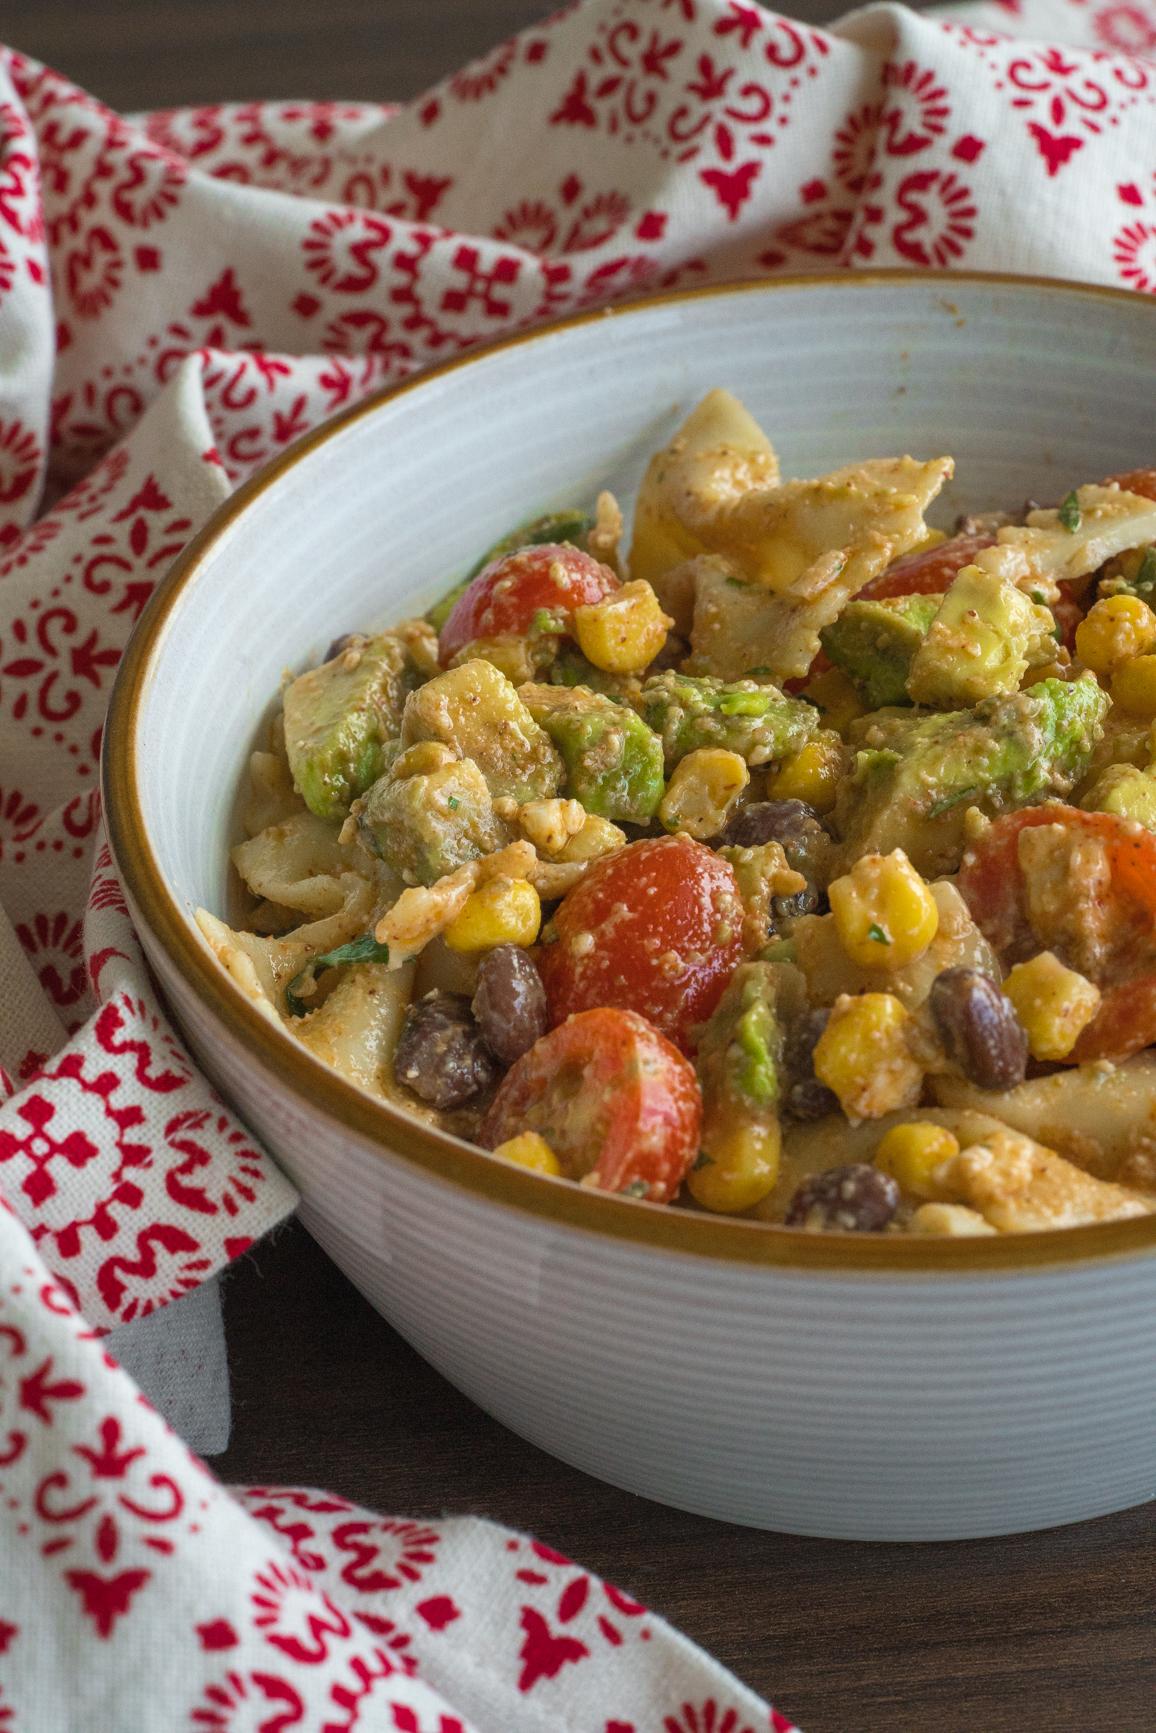 Tex Mex Pasta Salad Vertical (1 of 4)